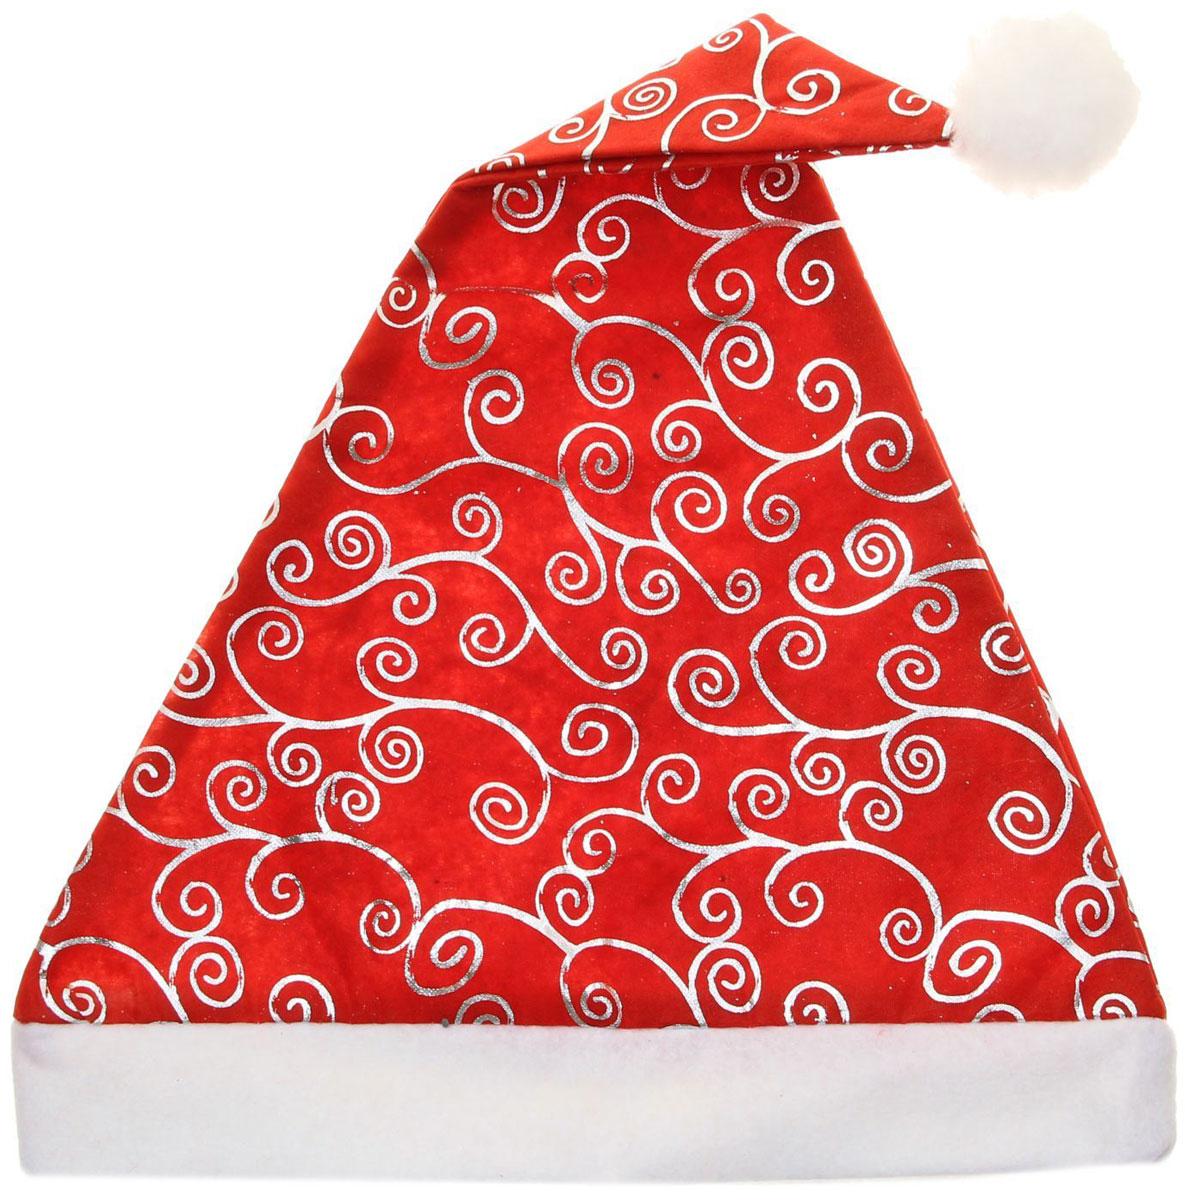 Колпак новогодний Узор, с блеском, цвет: красный703838Поддайтесь новогоднему веселью на полную катушку! Забавный колпак в секунду создаст праздничное настроение, будь то поздравление ребятишек или вечеринка с друзьями. Размер изделия универсальный: аксессуар подойдет как для ребенка, так и для взрослого. А мягкий текстиль позволит носить колпак с комфортом на протяжении всей новогодней ночи.